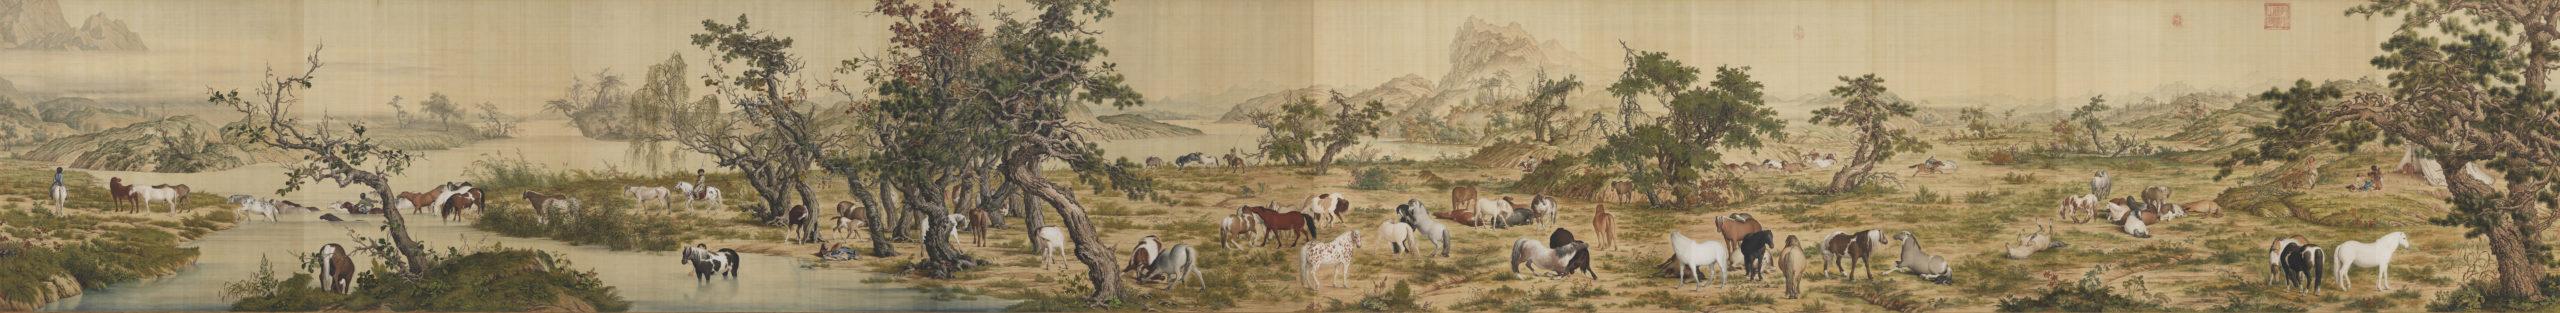 10 коней китайского императора - фото 20-scaled, главная Конные истории Разное , конный журнал EquiLIfe